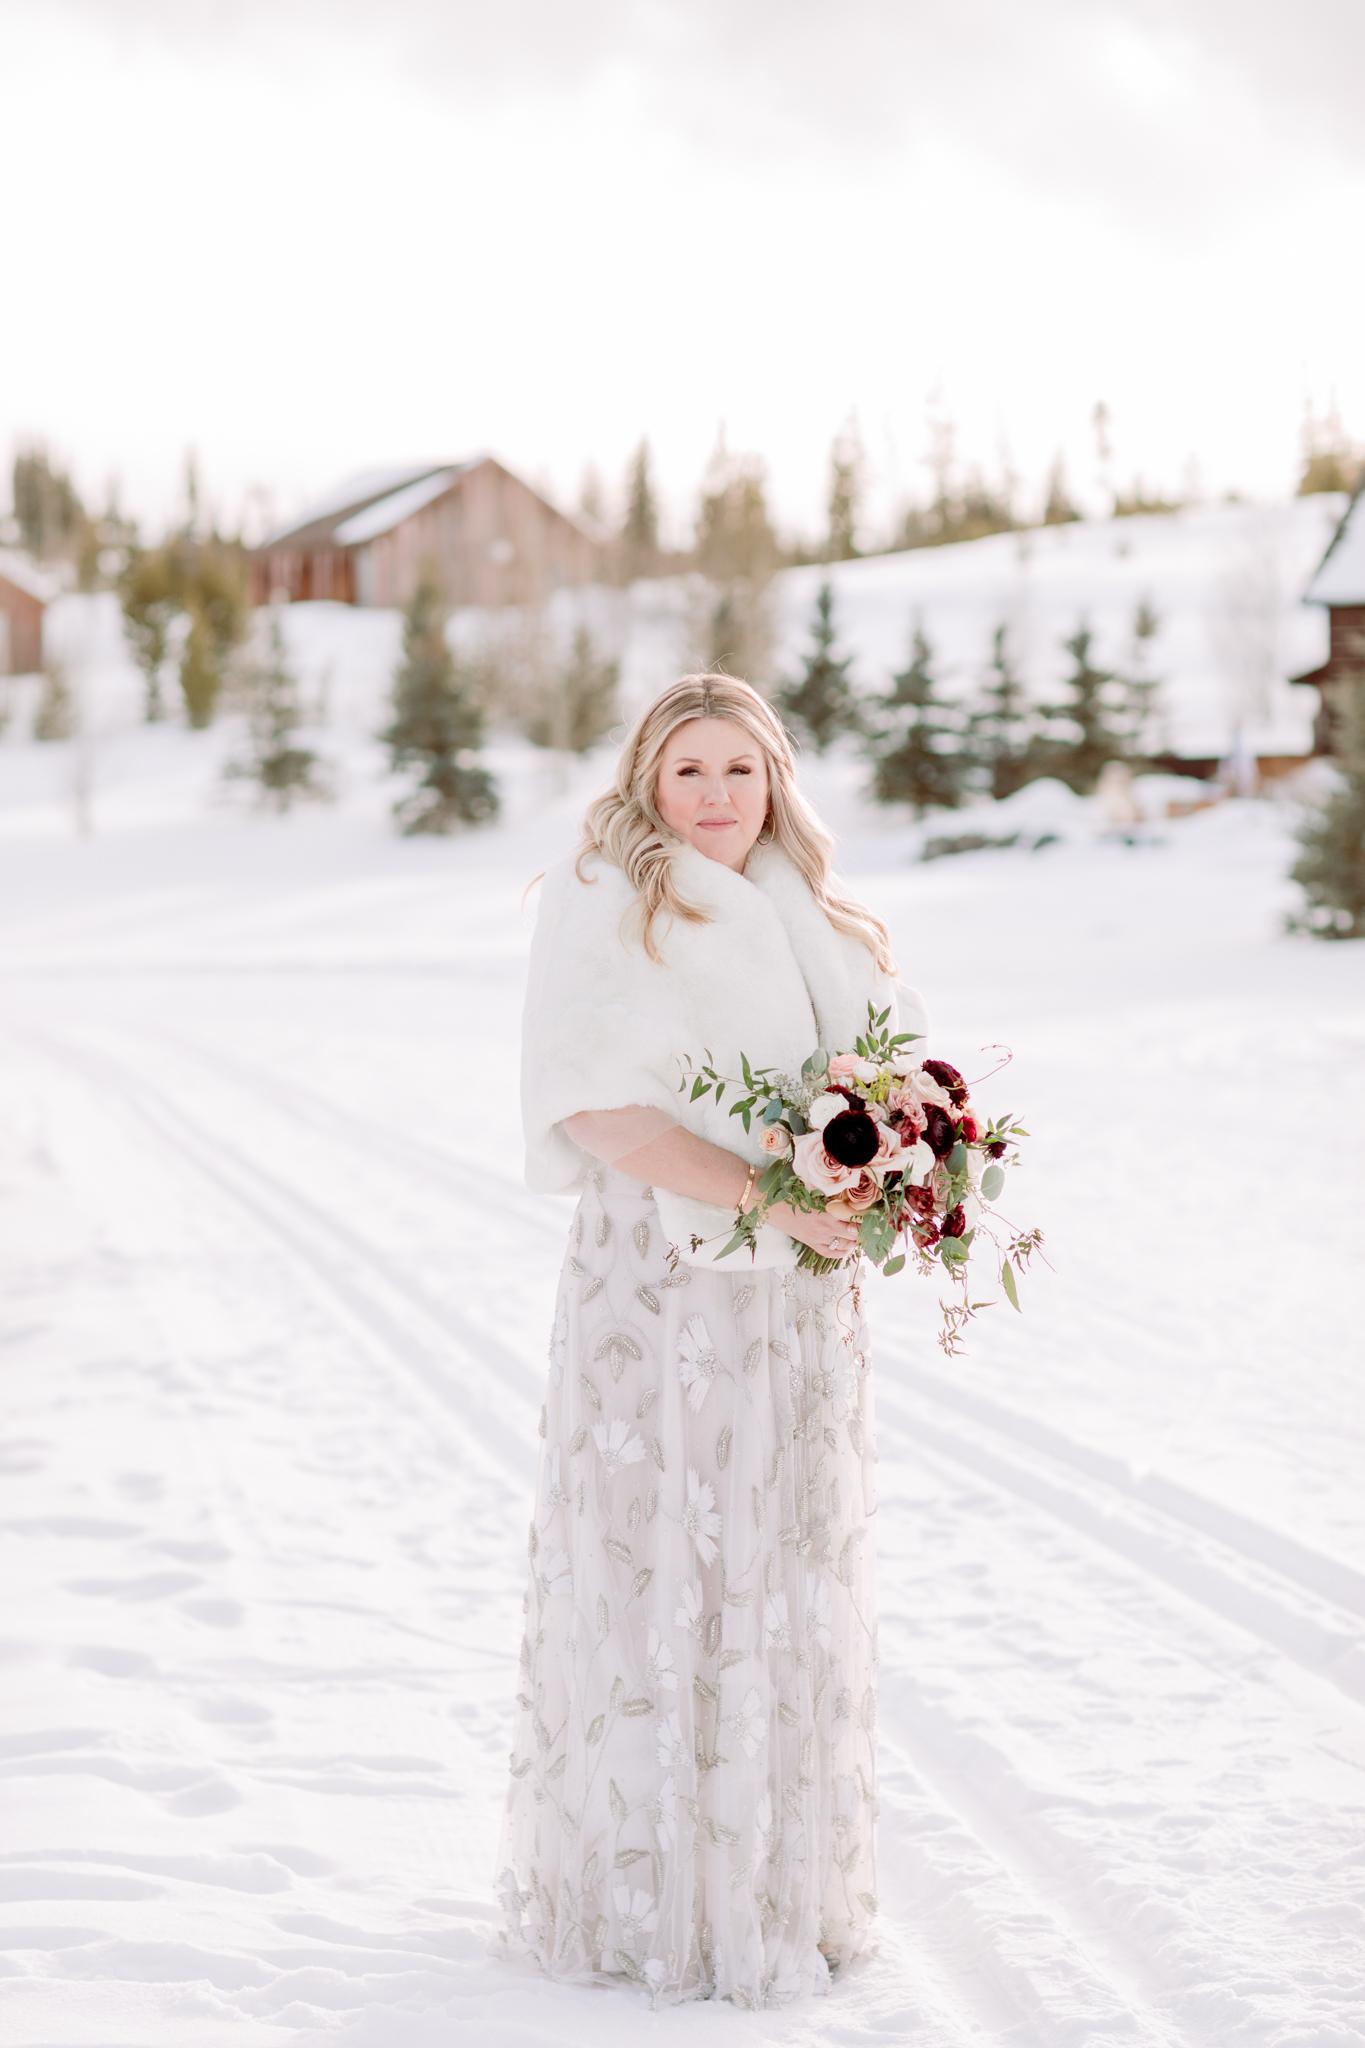 Devils-Thumb-Ranch-Tabernash-Colorado-Winter-Outdoor-Wedding-Bride-Bouquet-LaRue-Floral